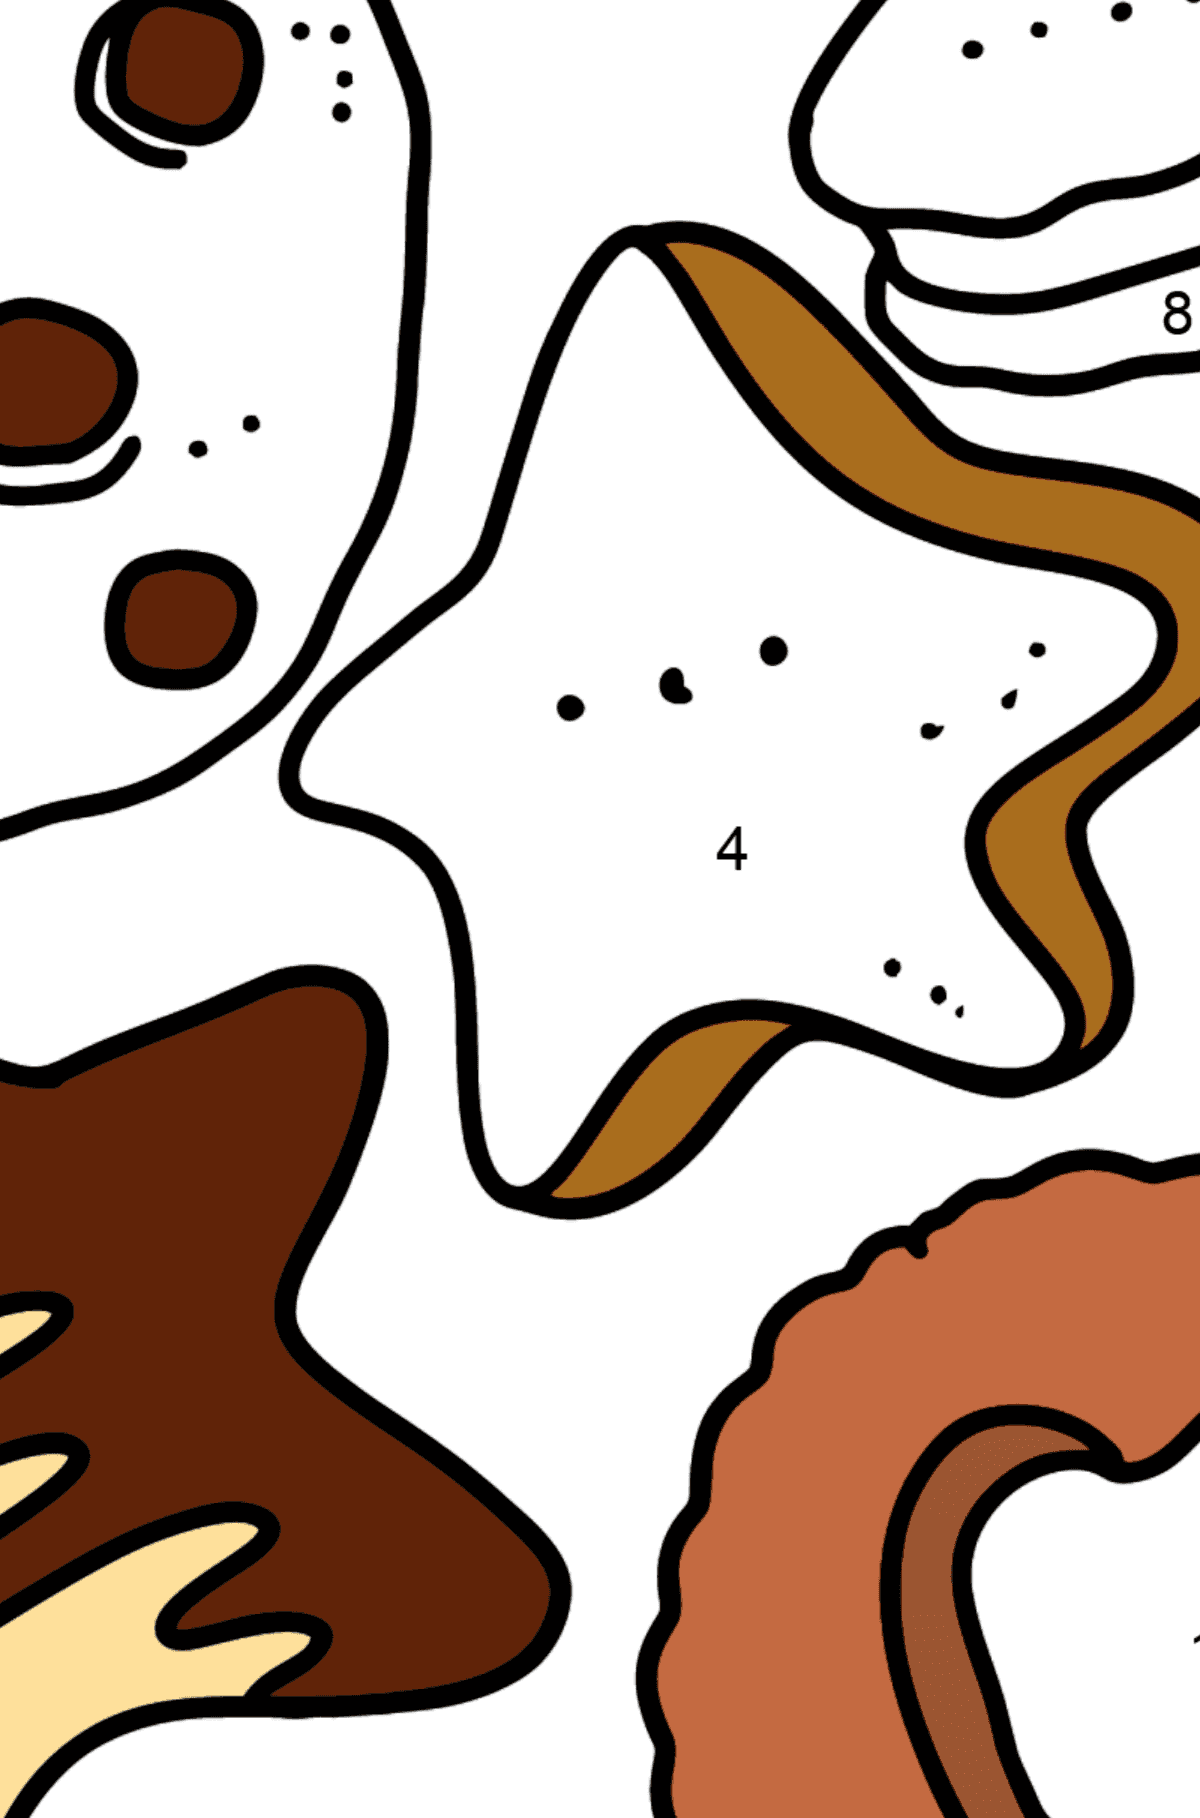 Раскраска набор печенья - Раскраска по Номерам для Детей